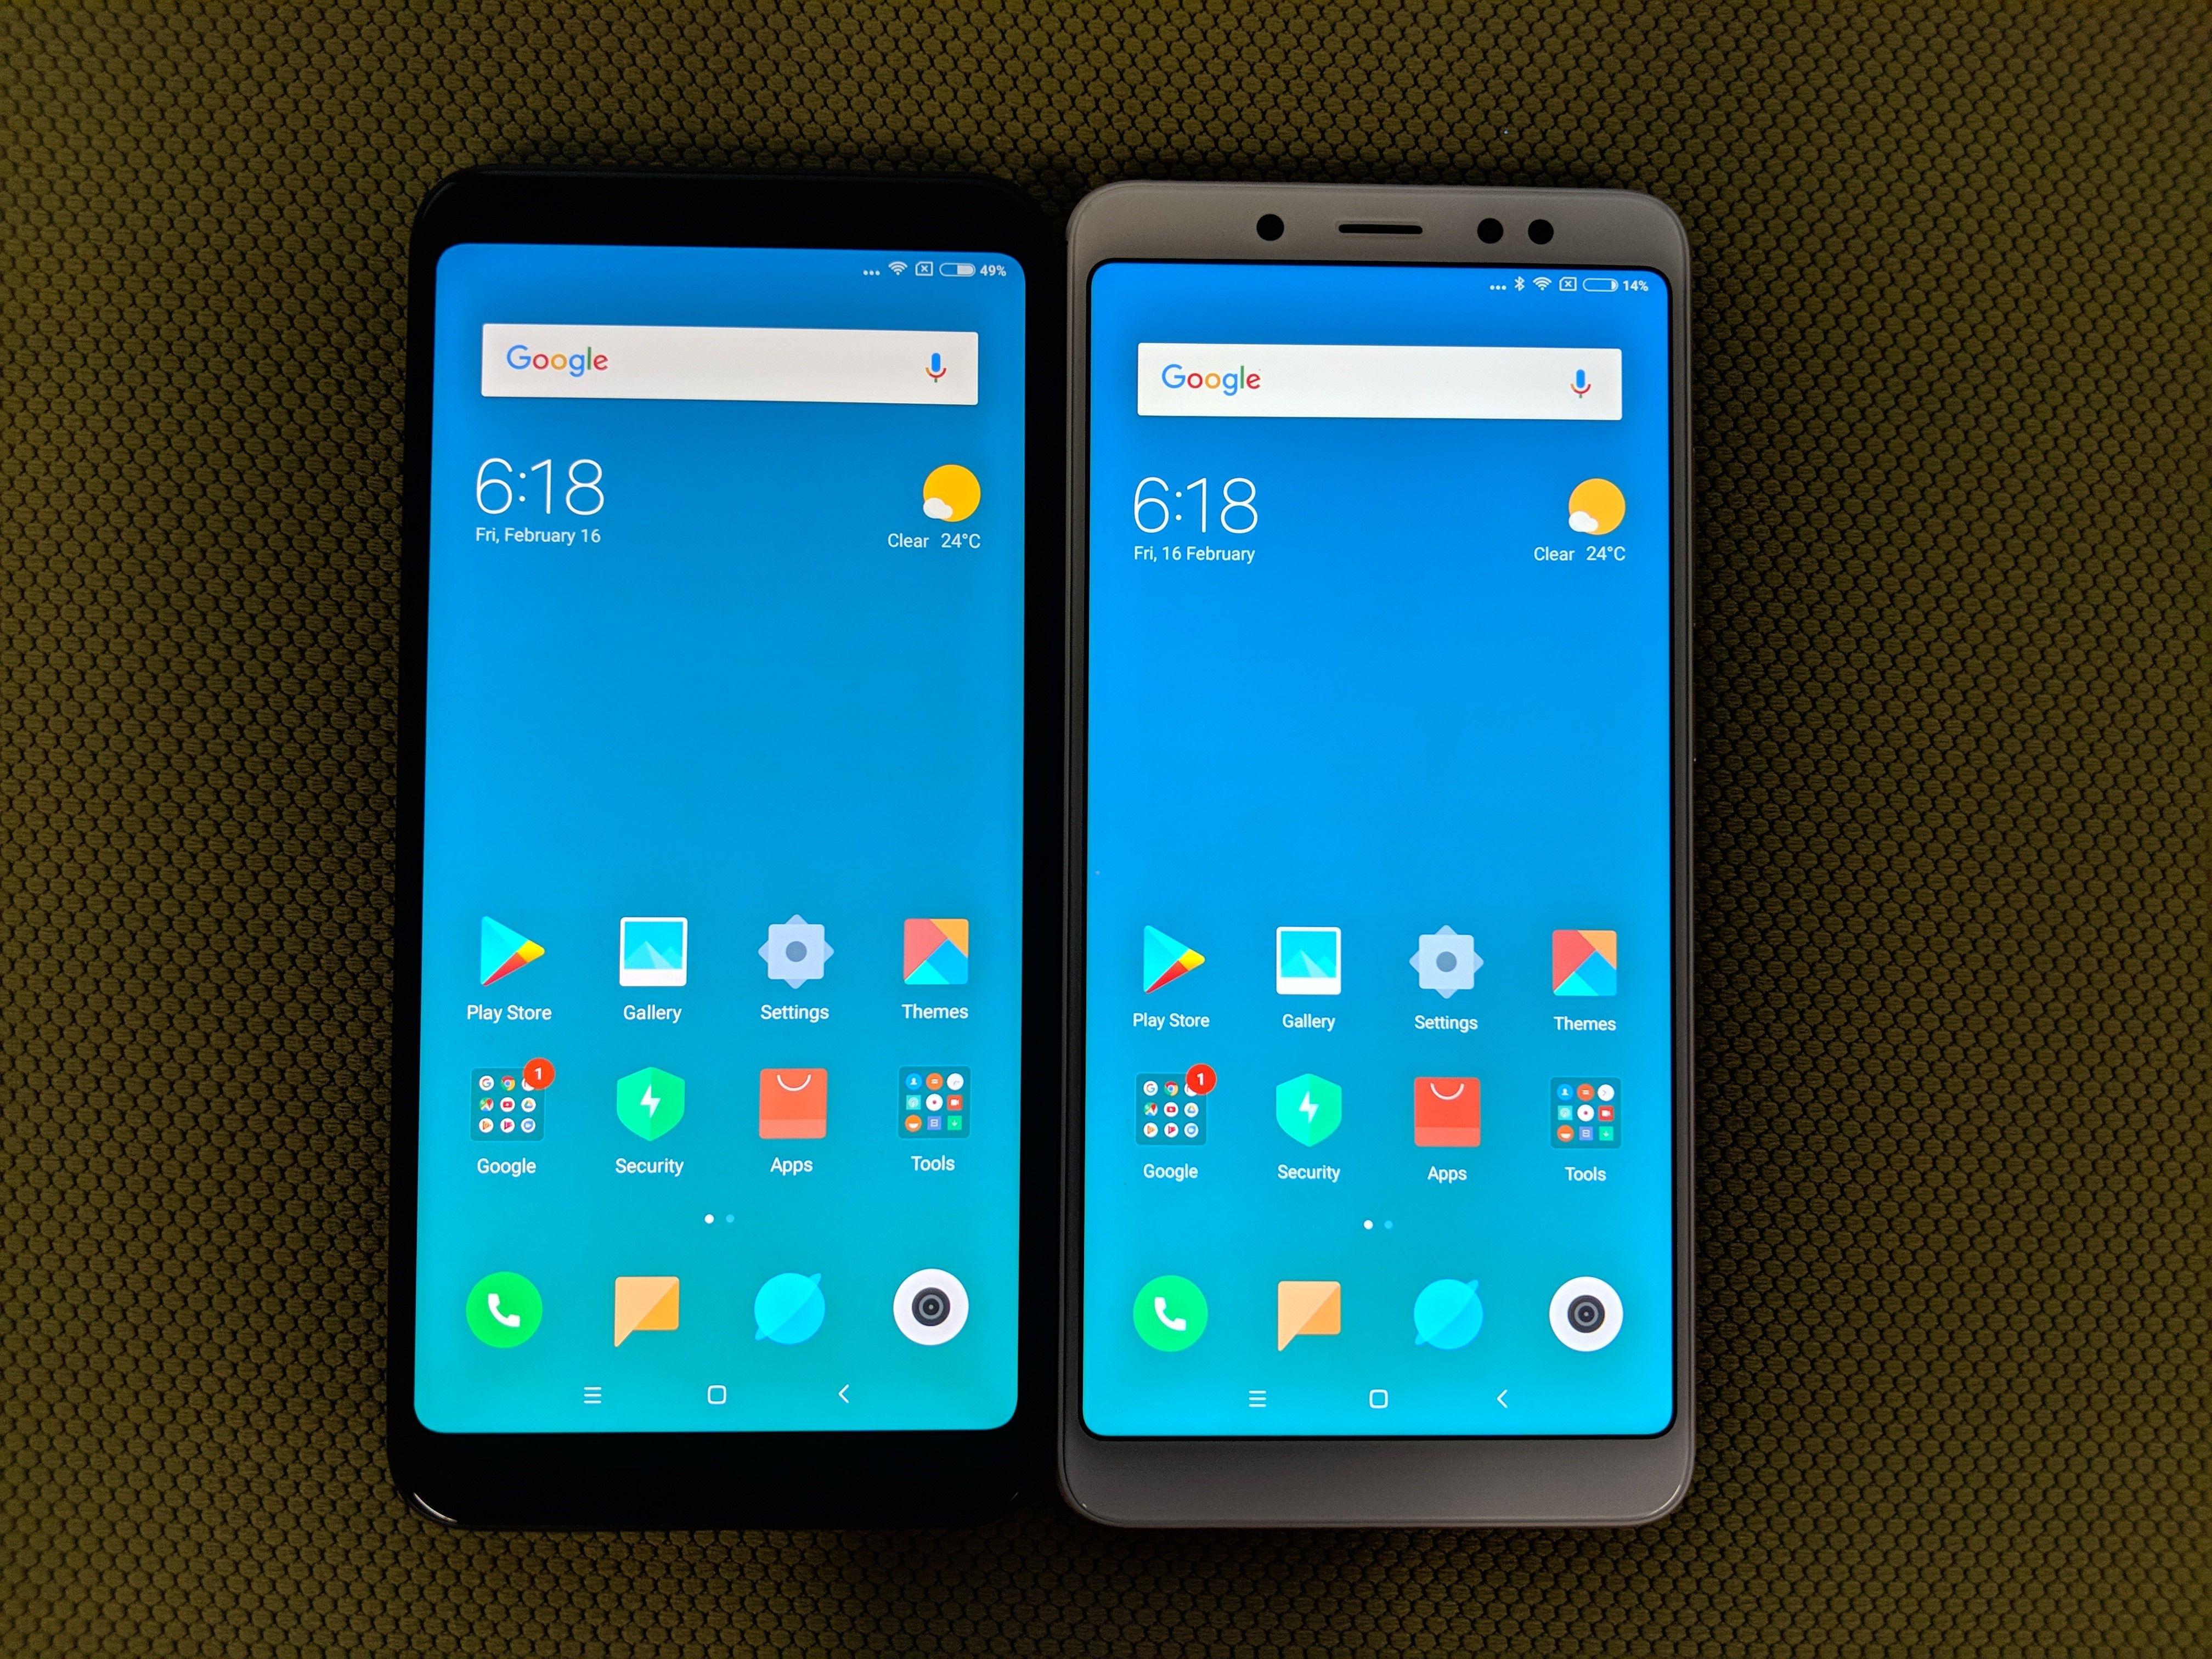 Comparison Xiaomi Redmi Note 5 Vs Redmi Note 5 Pro Xiaomi Note 5 Iphone